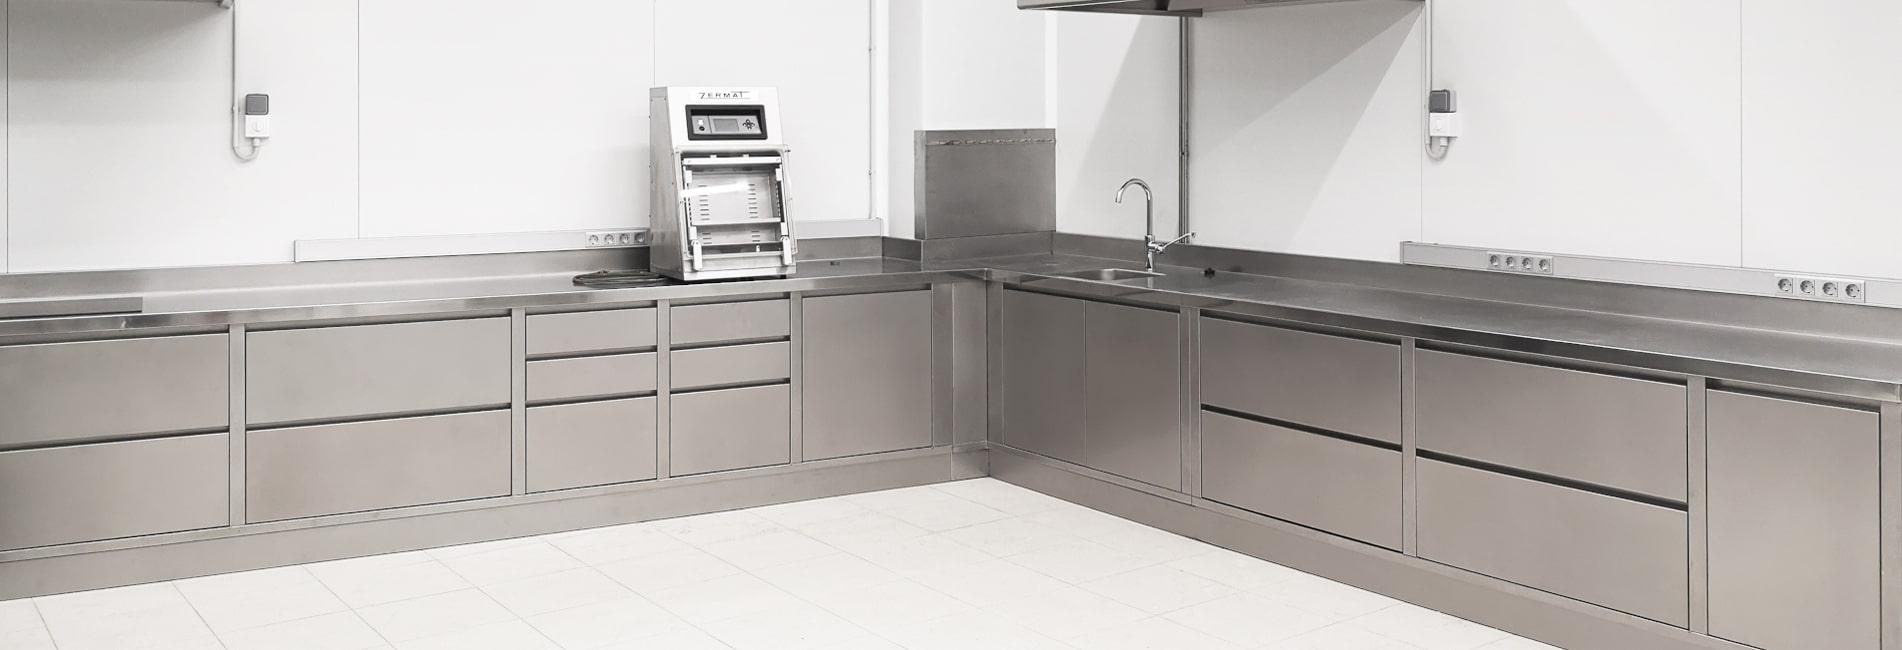 Muebles en acero inoxidable fabricados a medida para  nuevas instalaciones de APASA